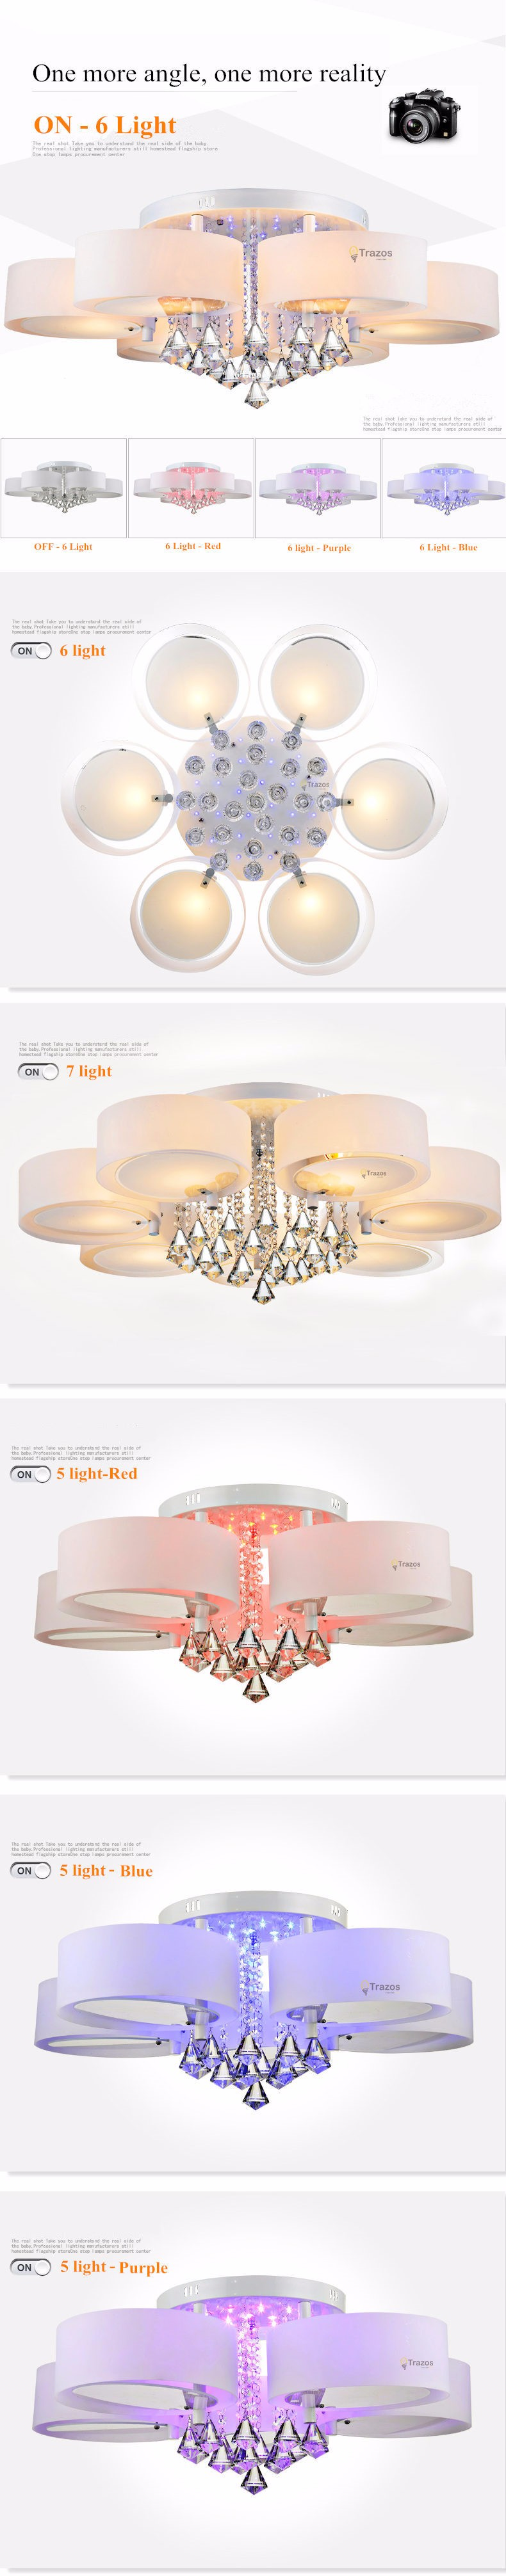 Cristal led luzes de teto moderno design